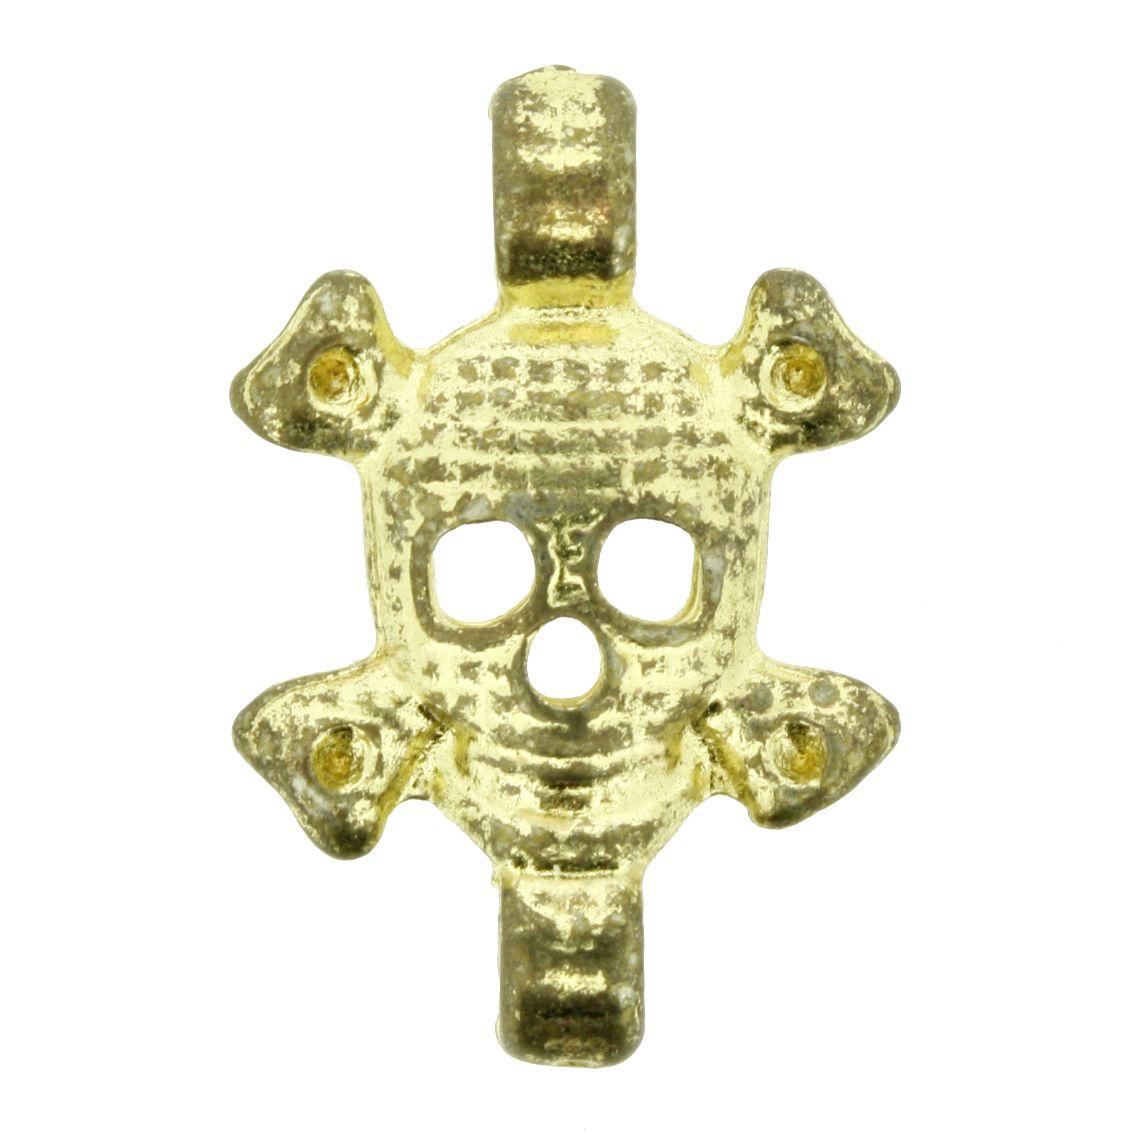 Caveira - Dourado - 28mm - 01 Peça  - Universo Religioso® - Artigos de Umbanda e Candomblé